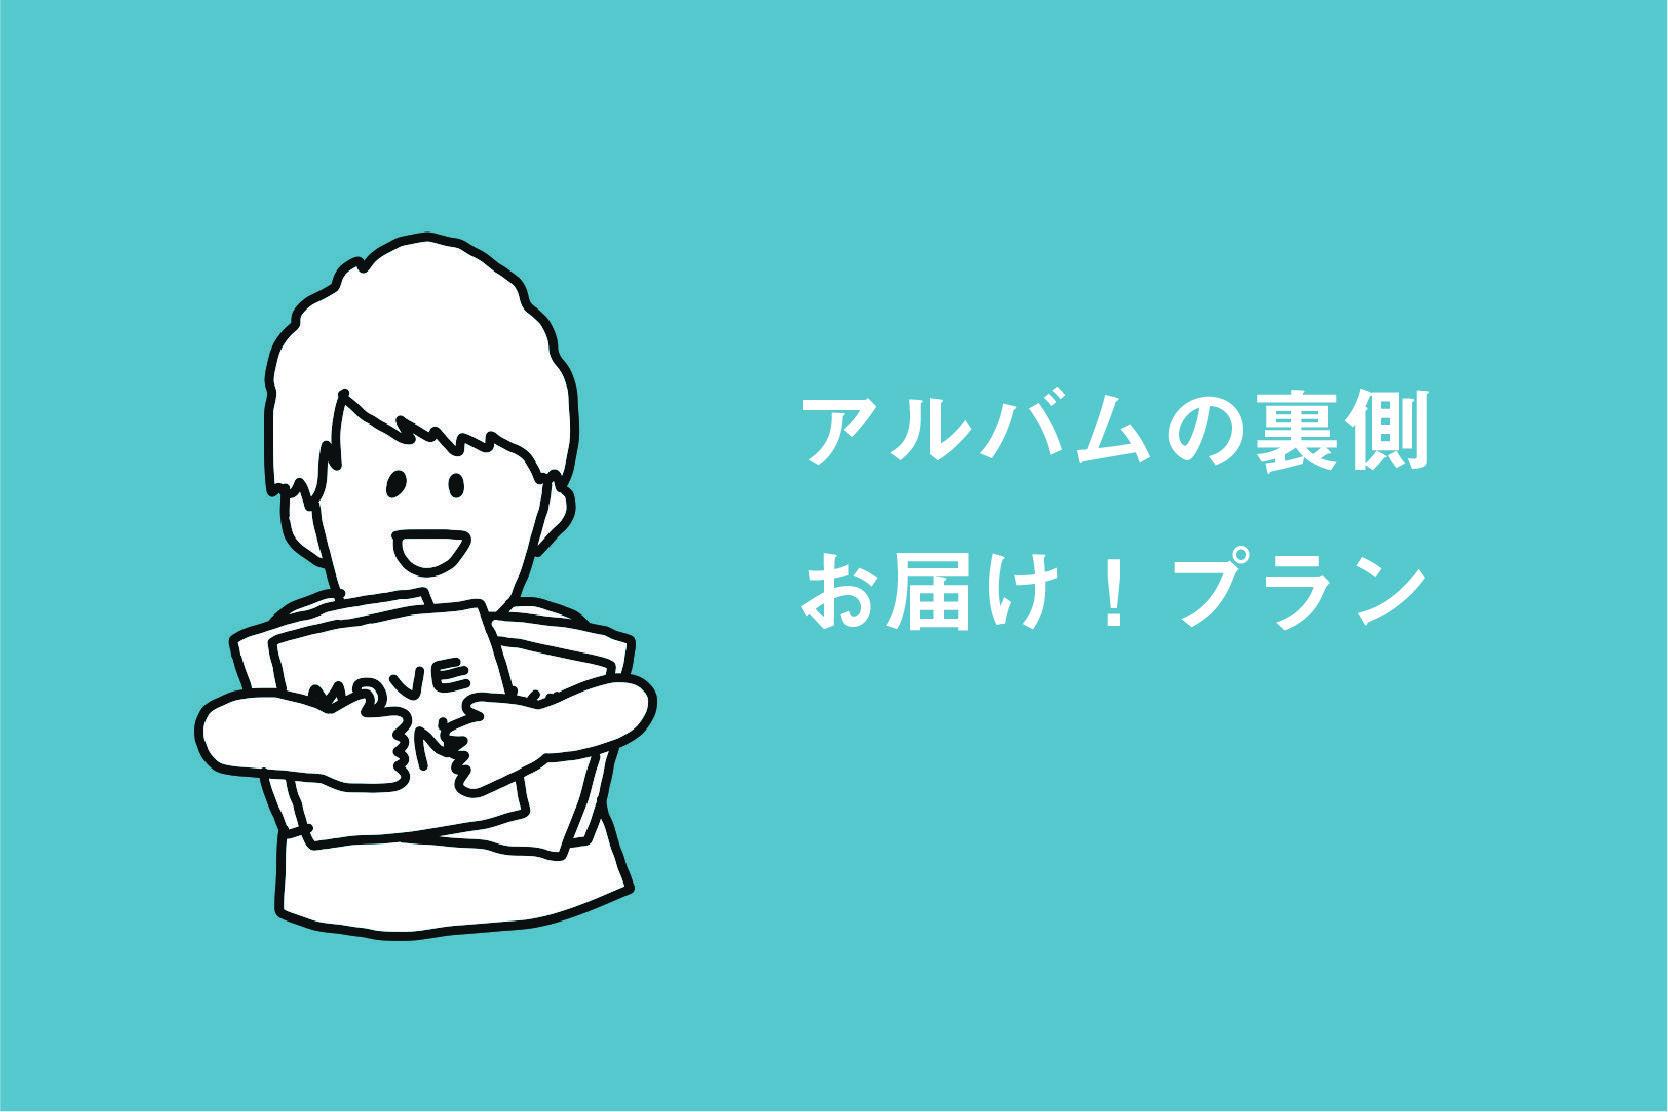 <アルバムの裏側お届け! プラン>